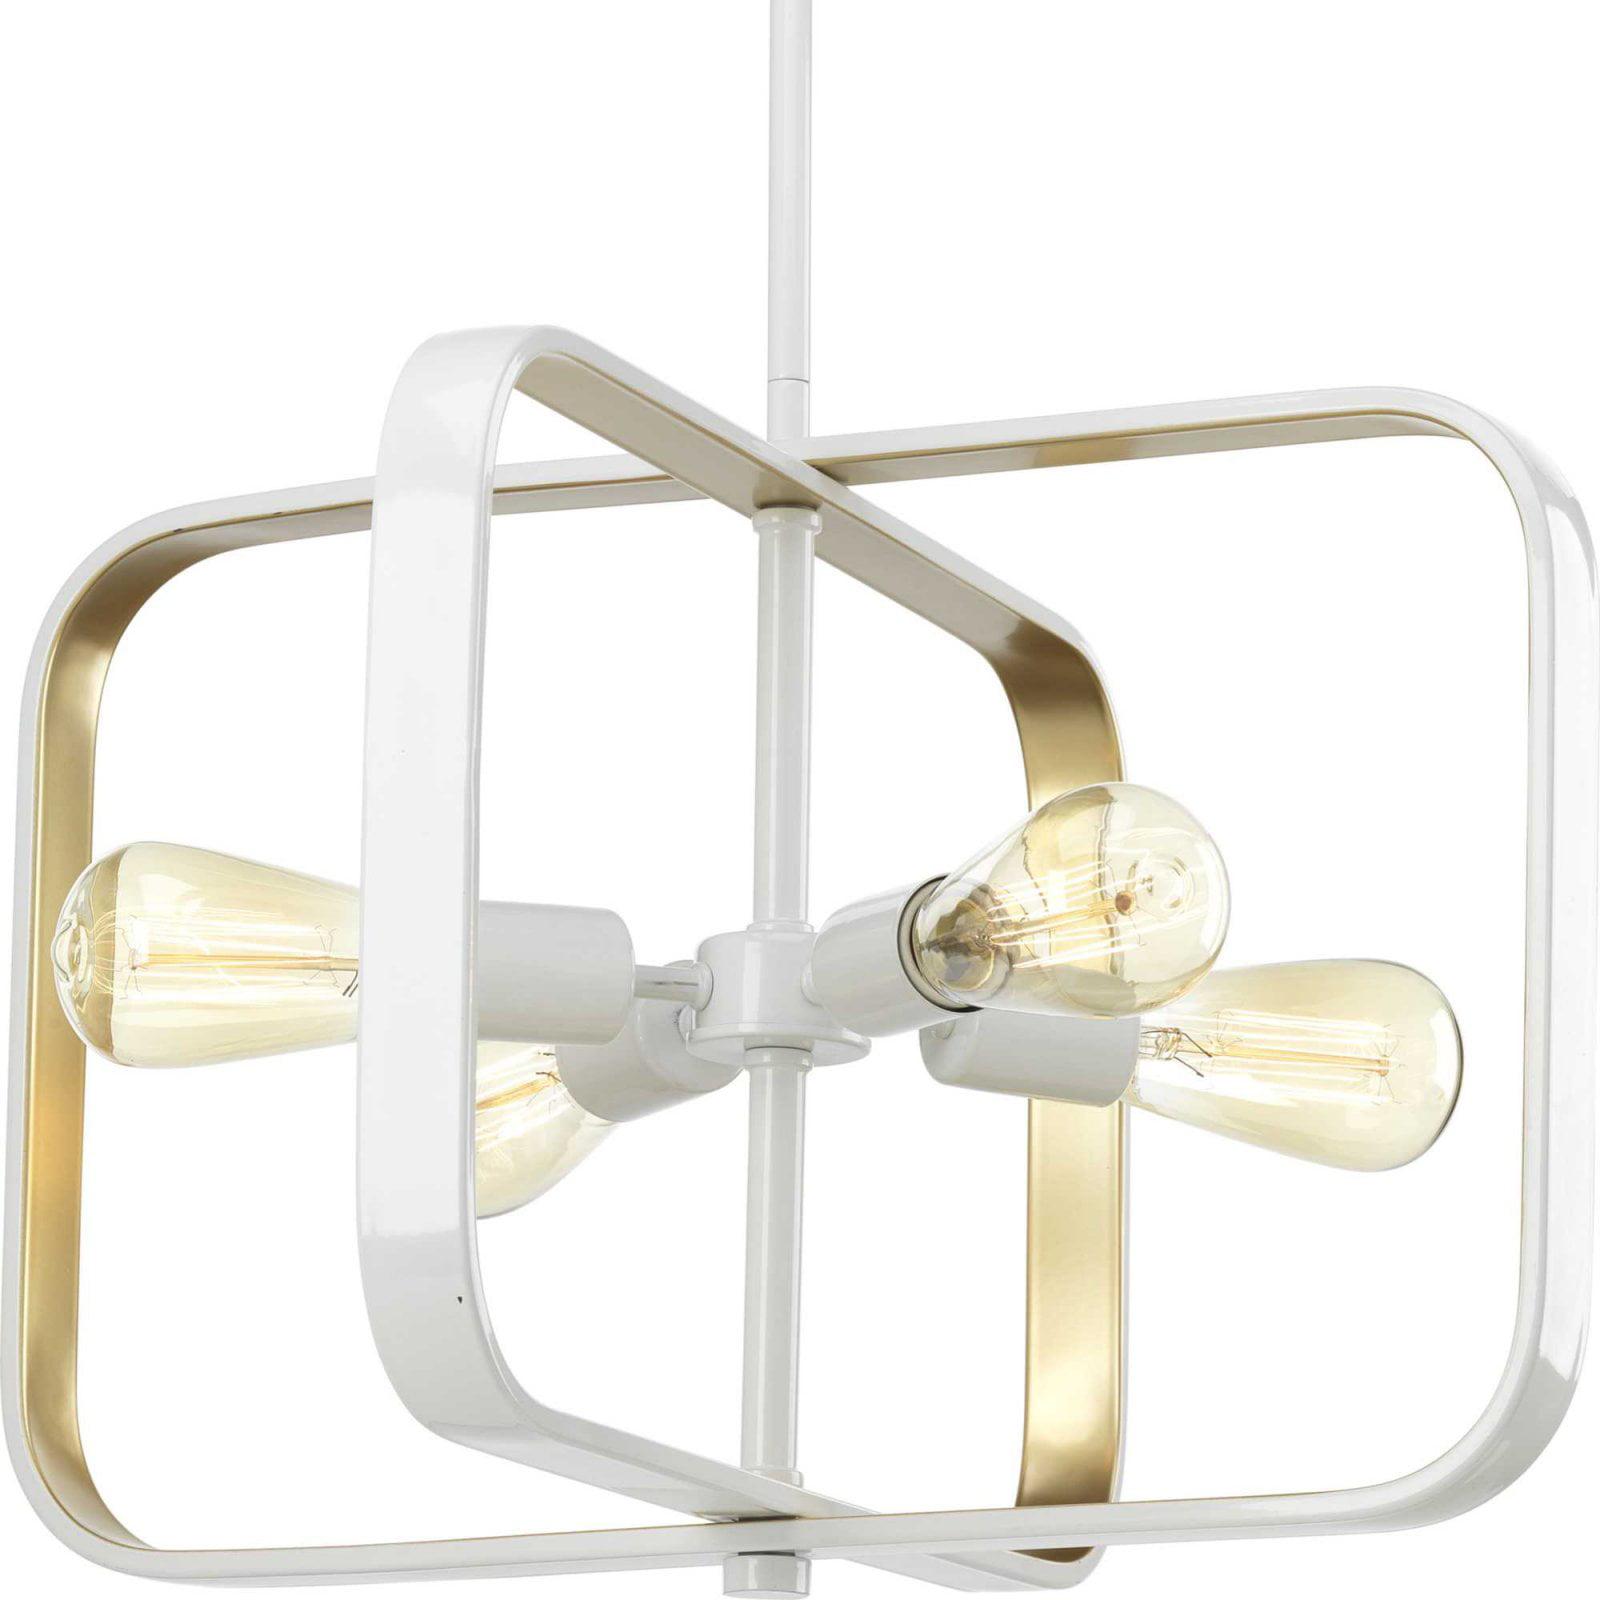 Centre Four-Light Pendant